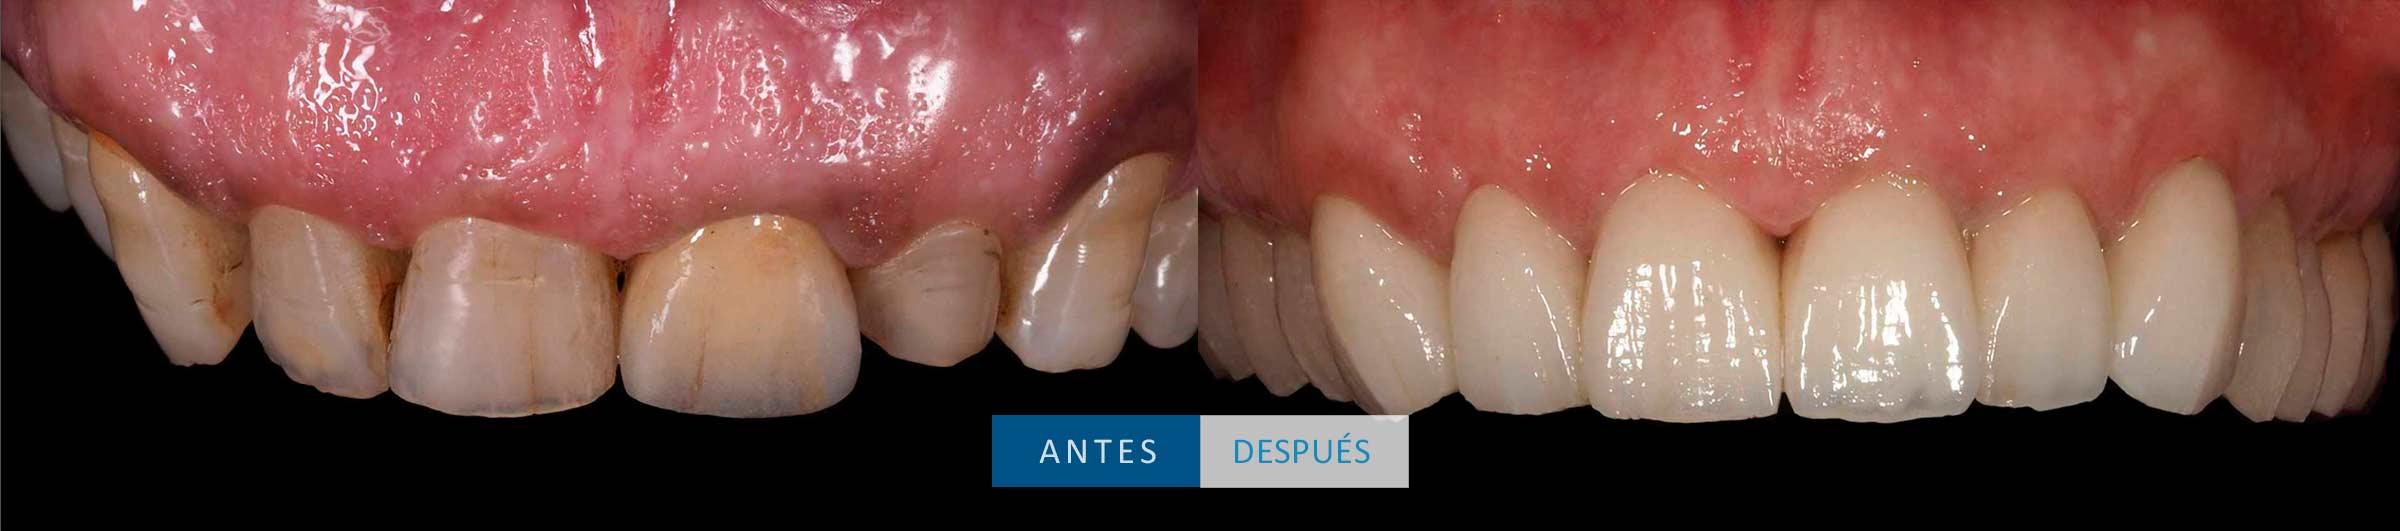 Dientes superiores tratamiento coronas dentales